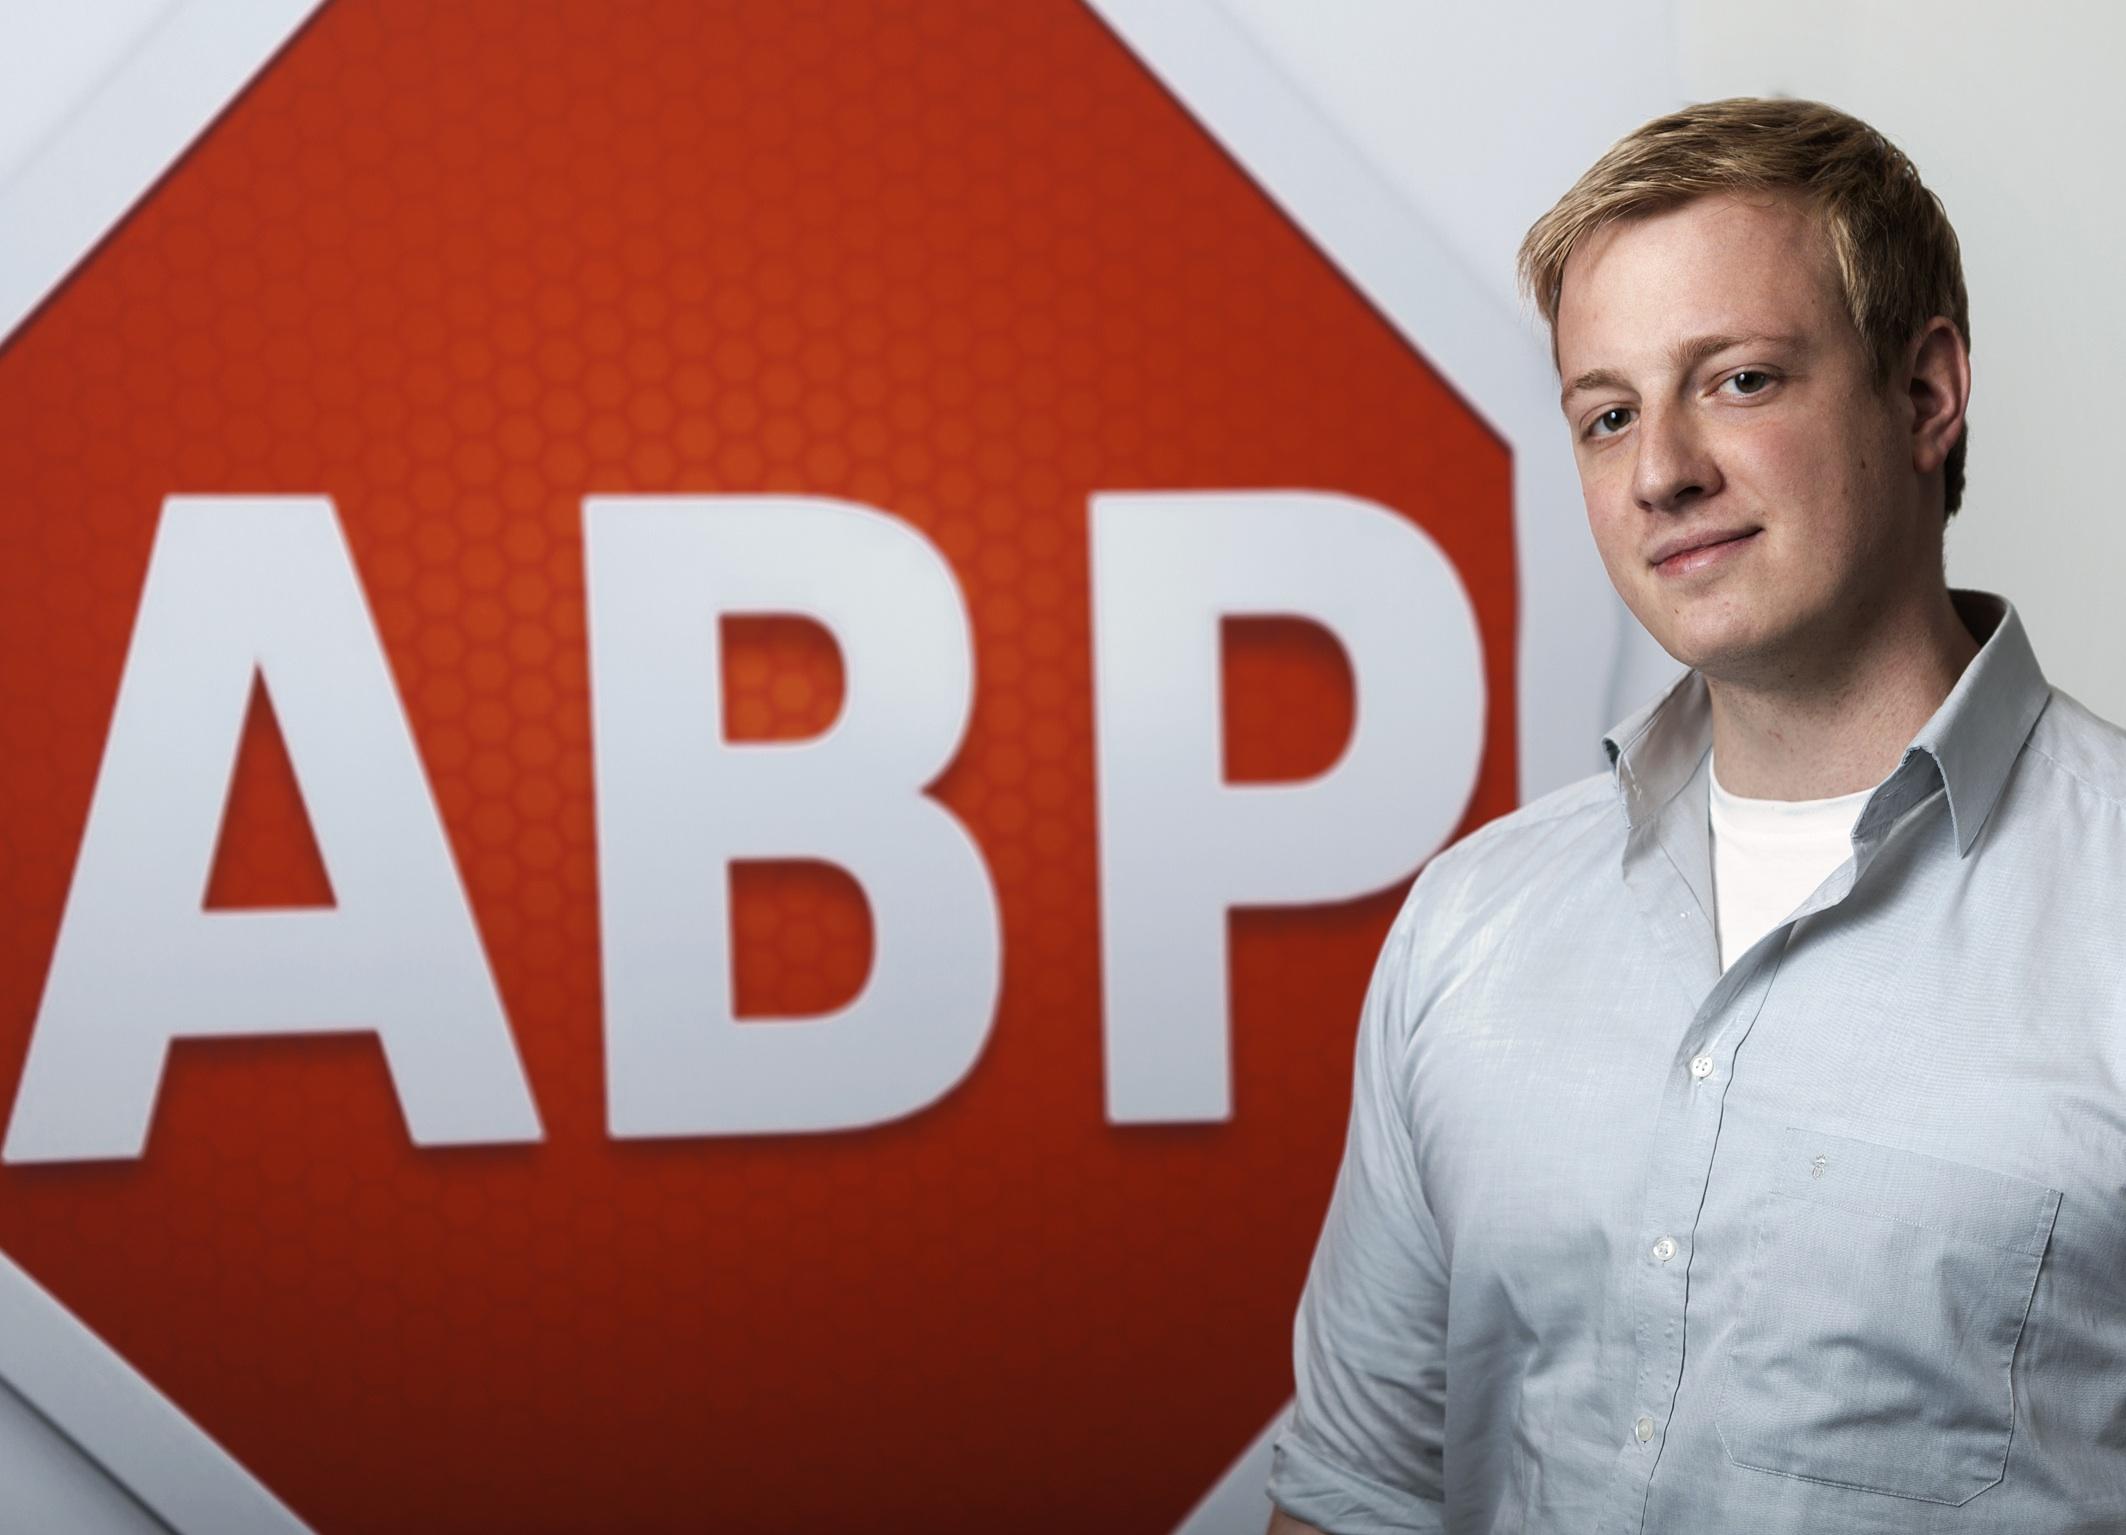 Ya hablamos de este muchachito pero así y todo es mejor usar ABP que ver Ads.